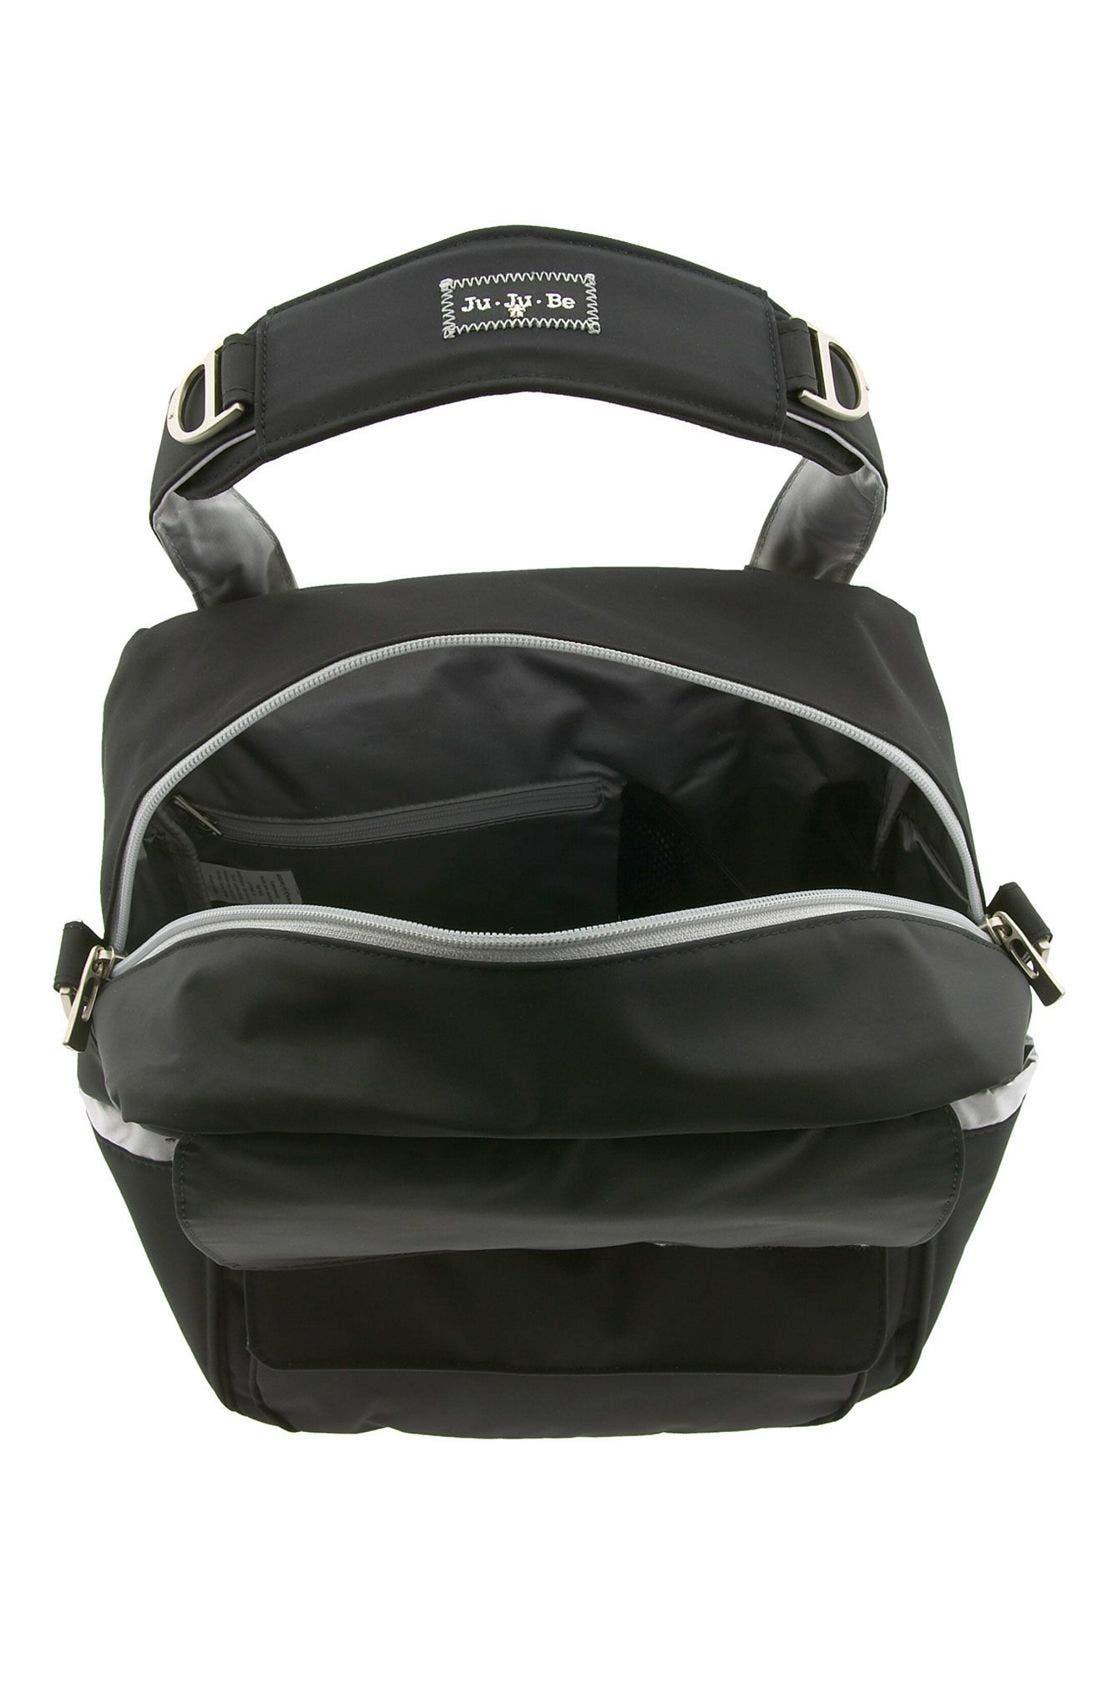 Alternate Image 3  - Ju-Ju-Be 'Packabe' Convertible Diaper Bag